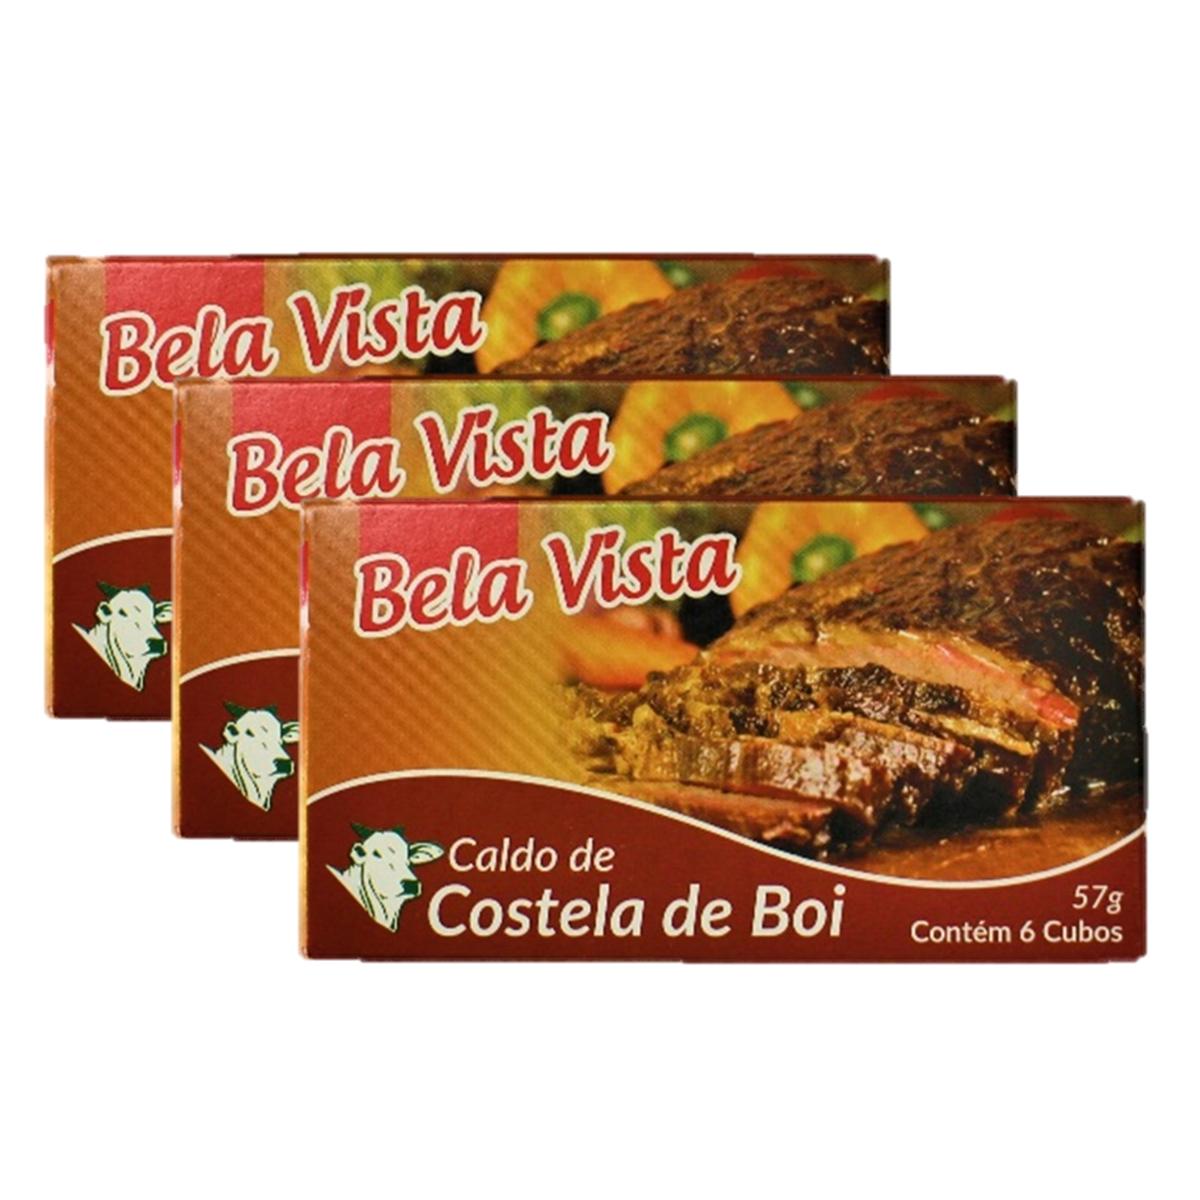 スープやお料理に 5%OFF 新品■送料無料■ 3個セット 乾燥スープの素 コンソメ 57g 6個入り ×3 Vista Caldo Costela de Boi Bela